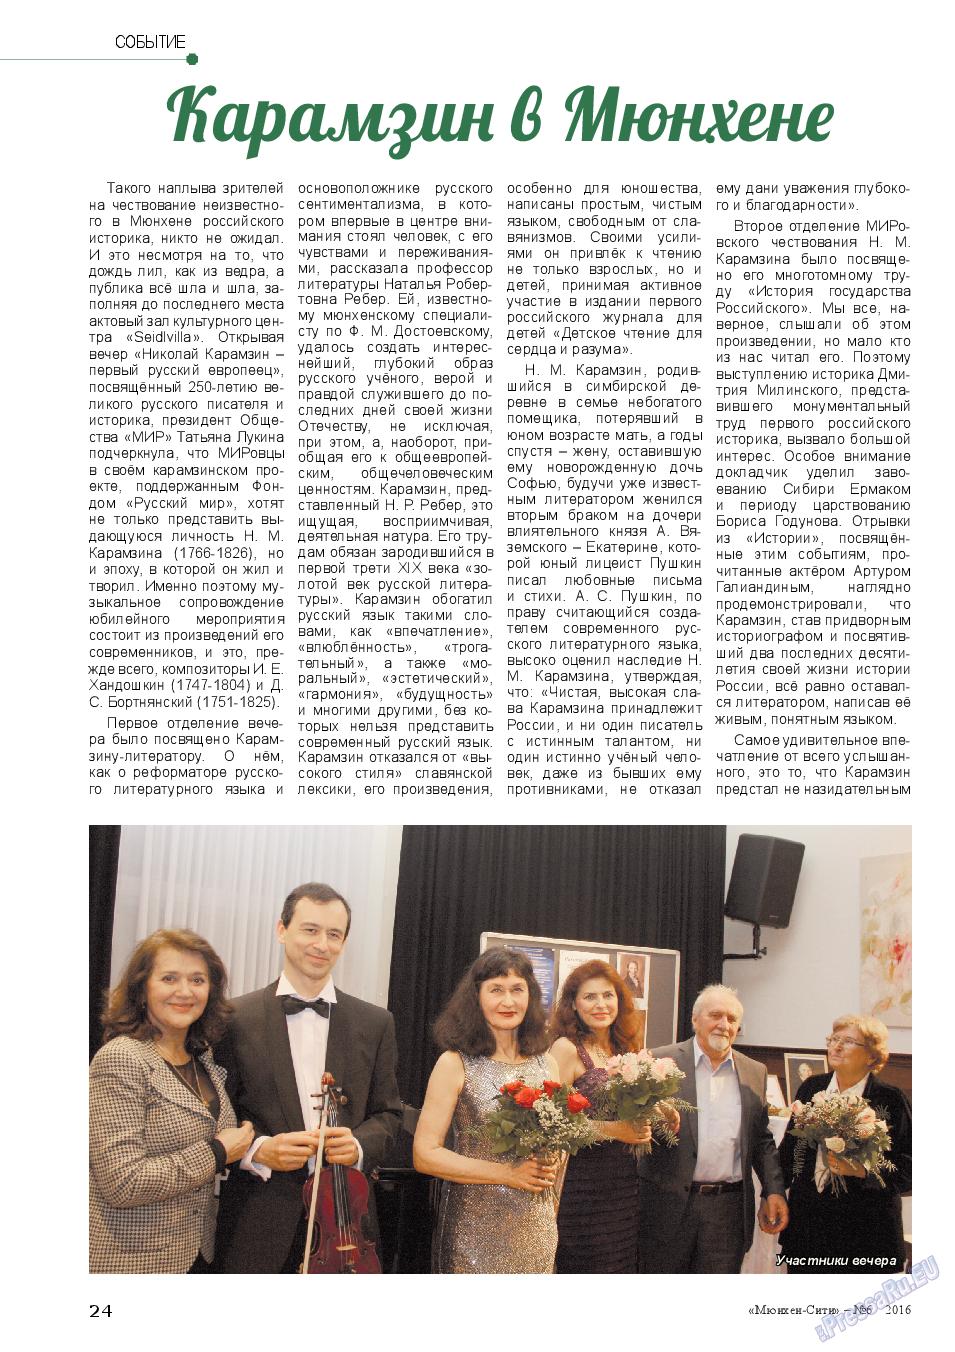 Мюнхен-сити (журнал). 2016 год, номер 6, стр. 24